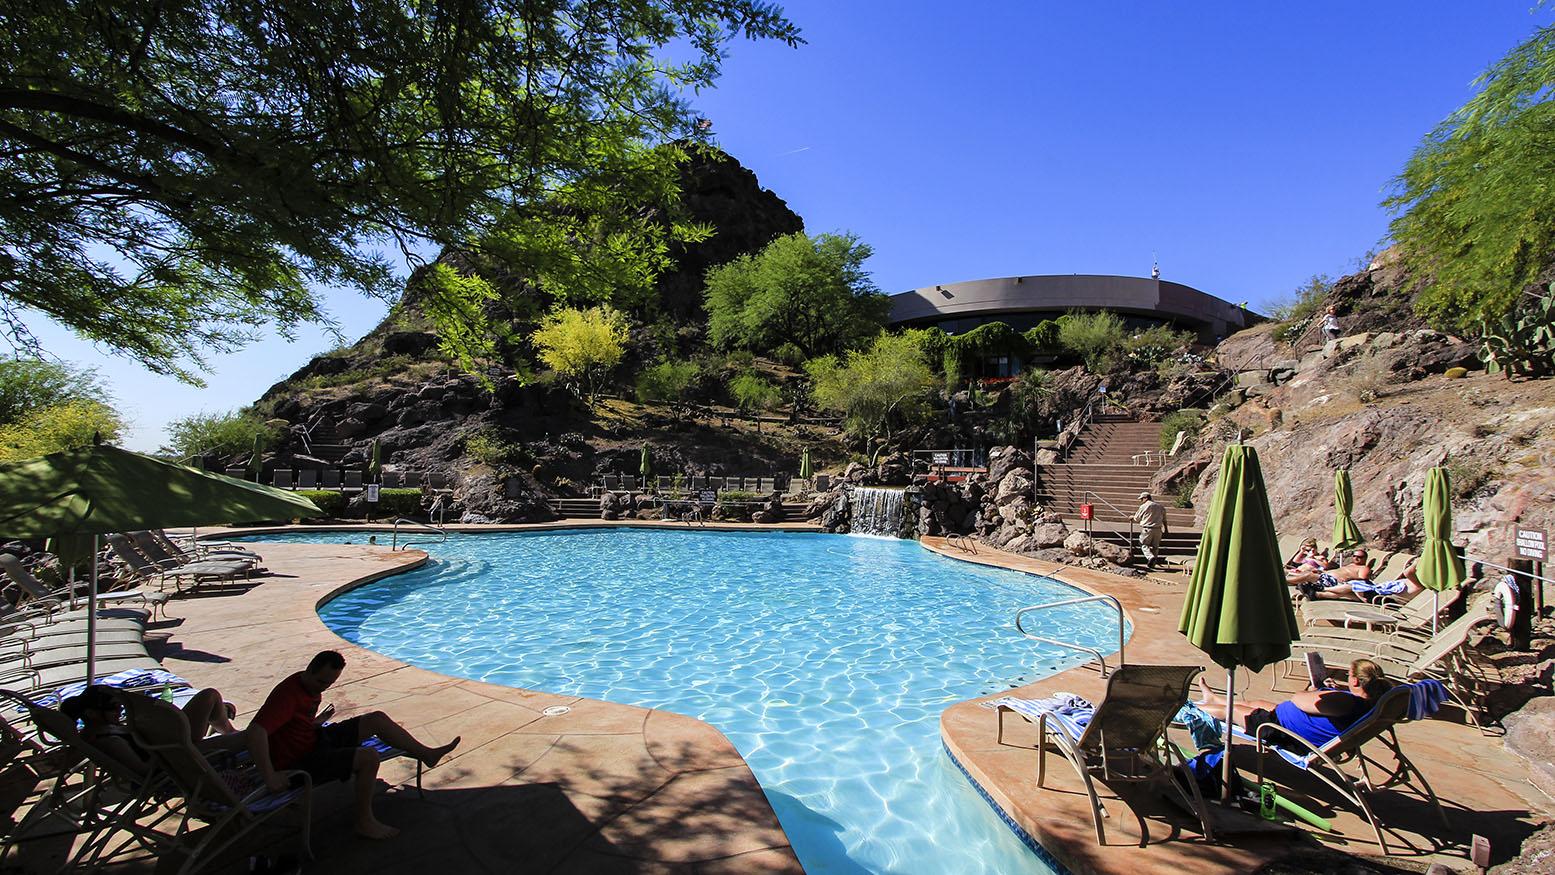 Marriott Tempe Buttes Resort - Arizona - Wanderlusters